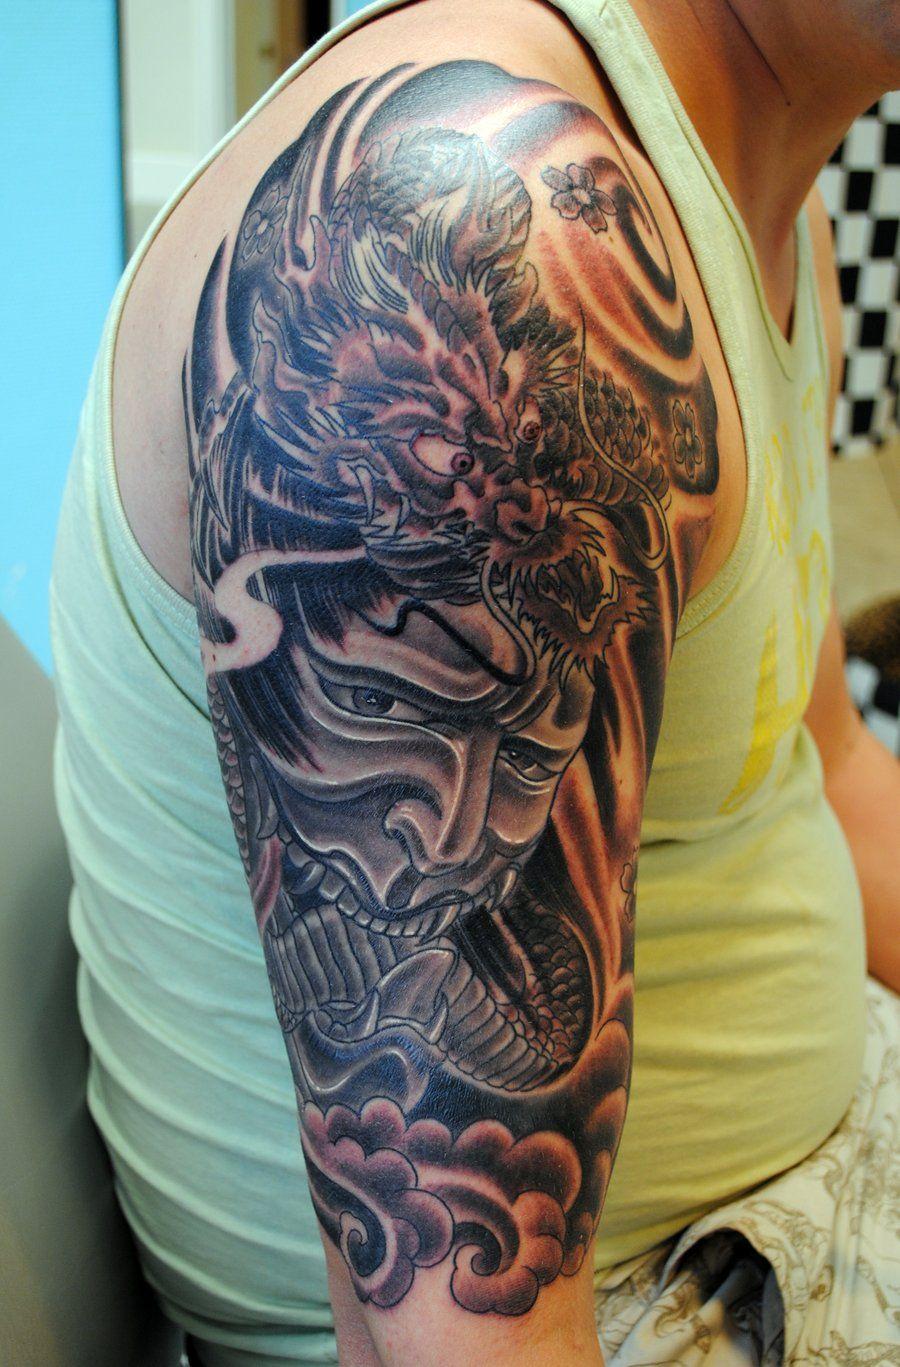 Japanese half sleeve tattoo designs - Tattoo Sleeve Half Sleeve Tattoos Lilz Eu Tattoo De